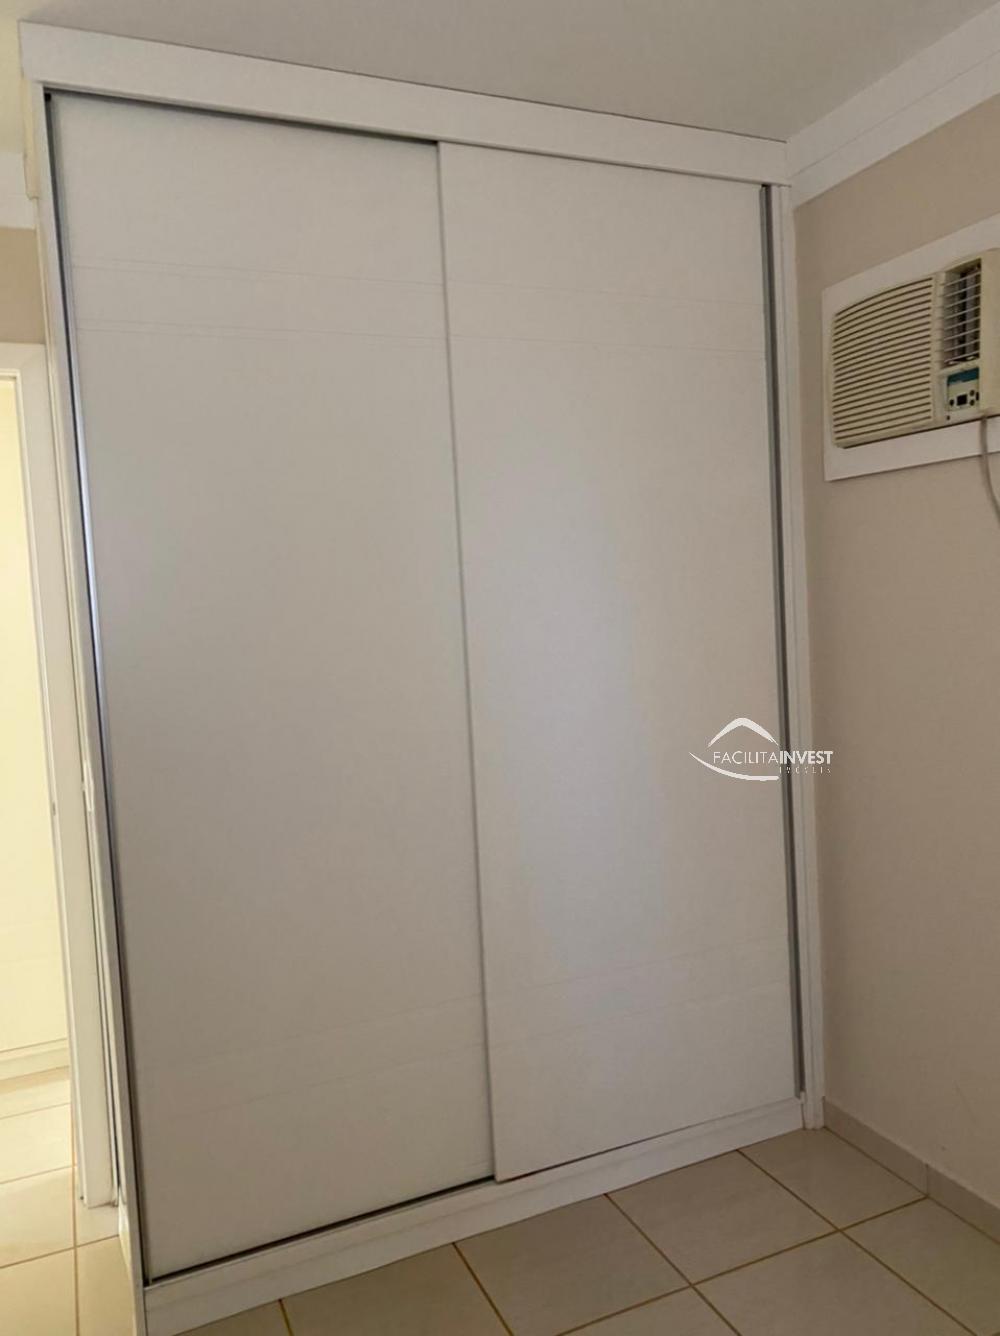 Alugar Apartamentos / Apart. Padrão em Ribeirão Preto R$ 2.400,00 - Foto 16